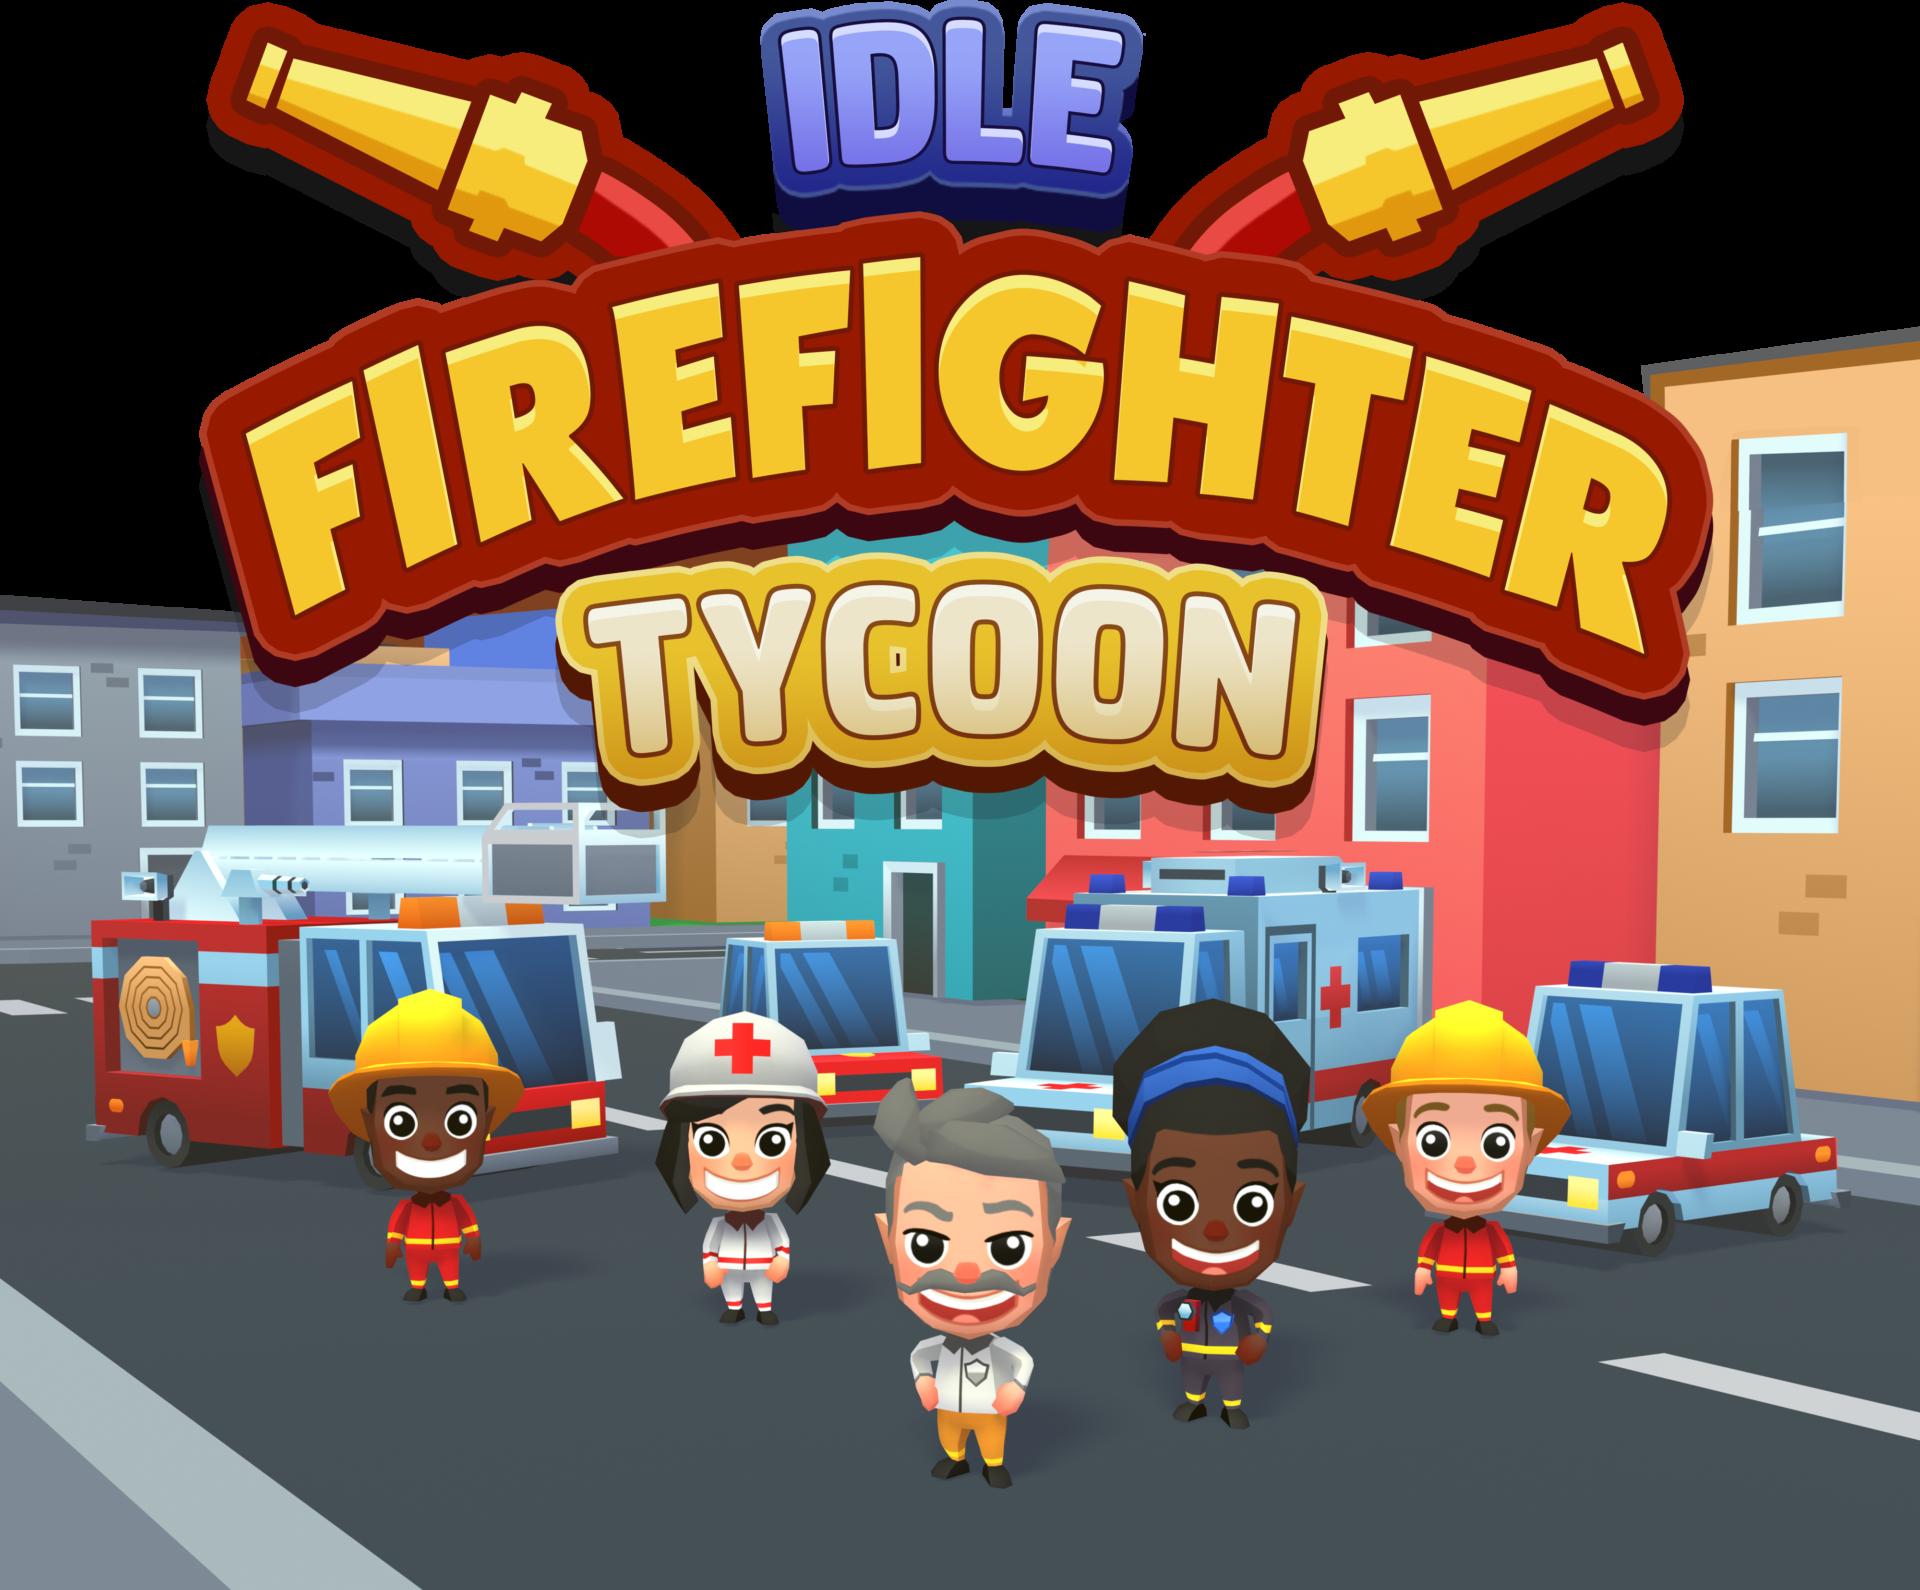 Firefighter Logo v02